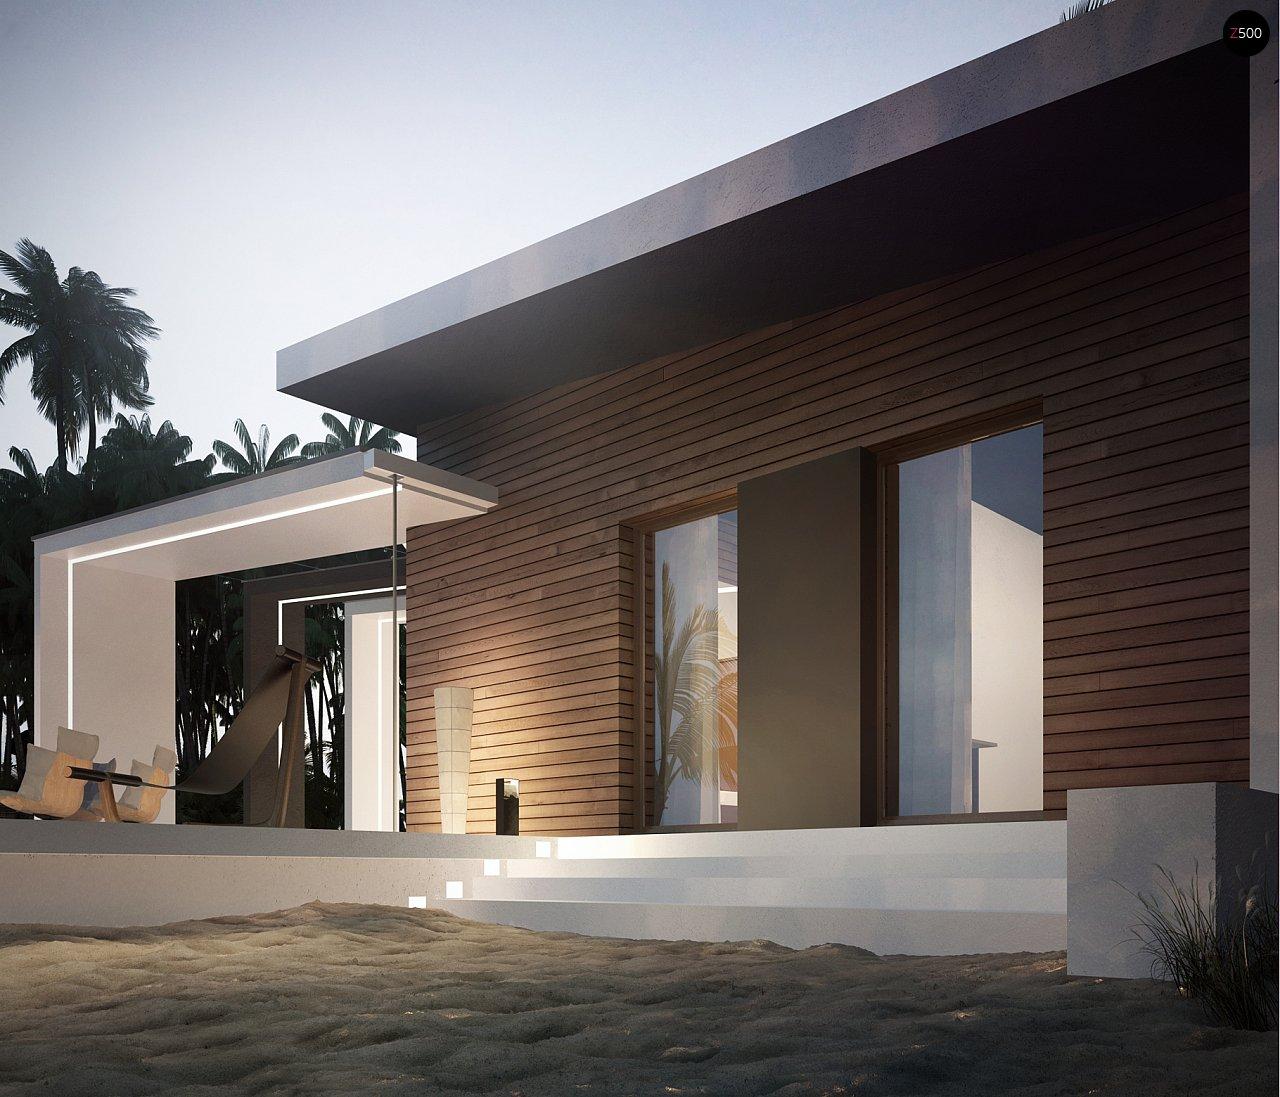 Современный и функциональный одноэтажный дом с уникальной архитектурной формой. 6